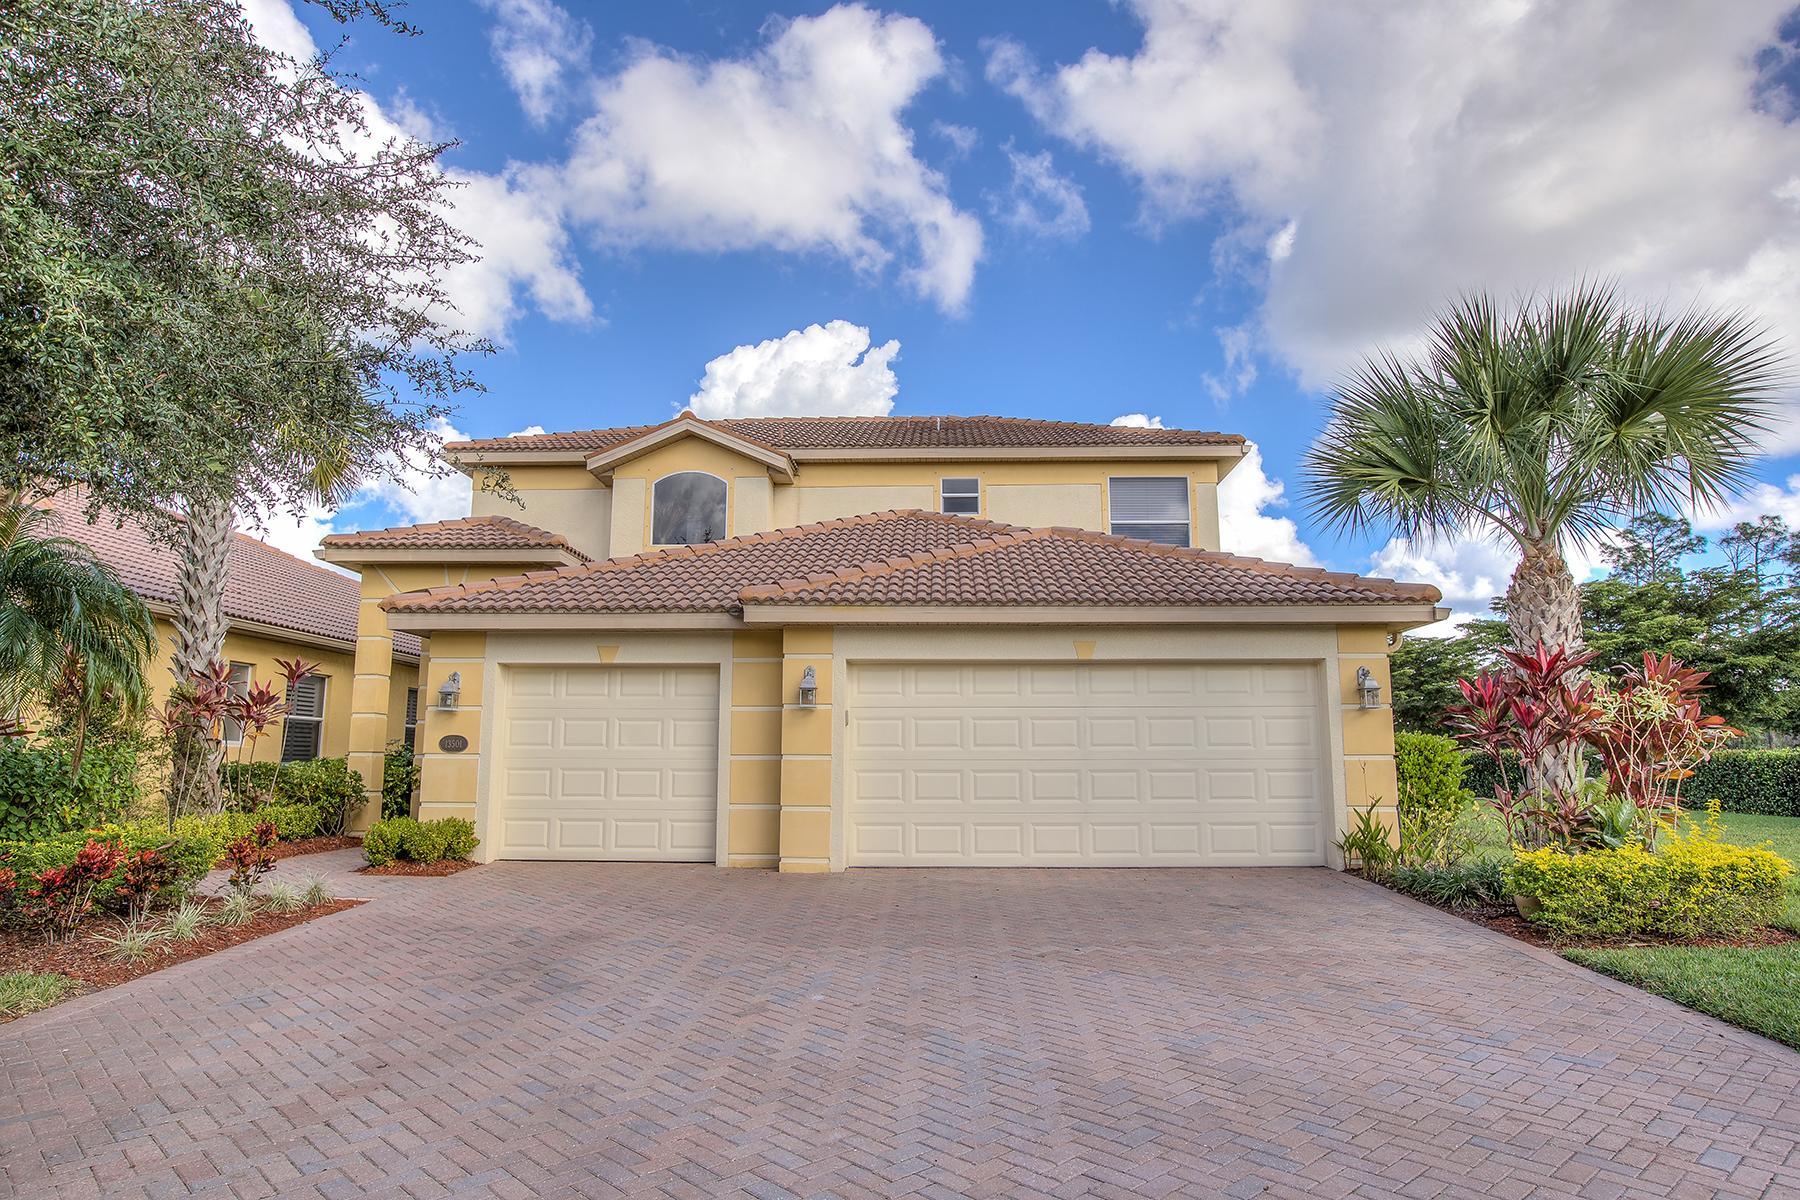 一戸建て のために 売買 アット BELLA TERRA 13501 Troia Dr Estero, フロリダ, 33928 アメリカ合衆国